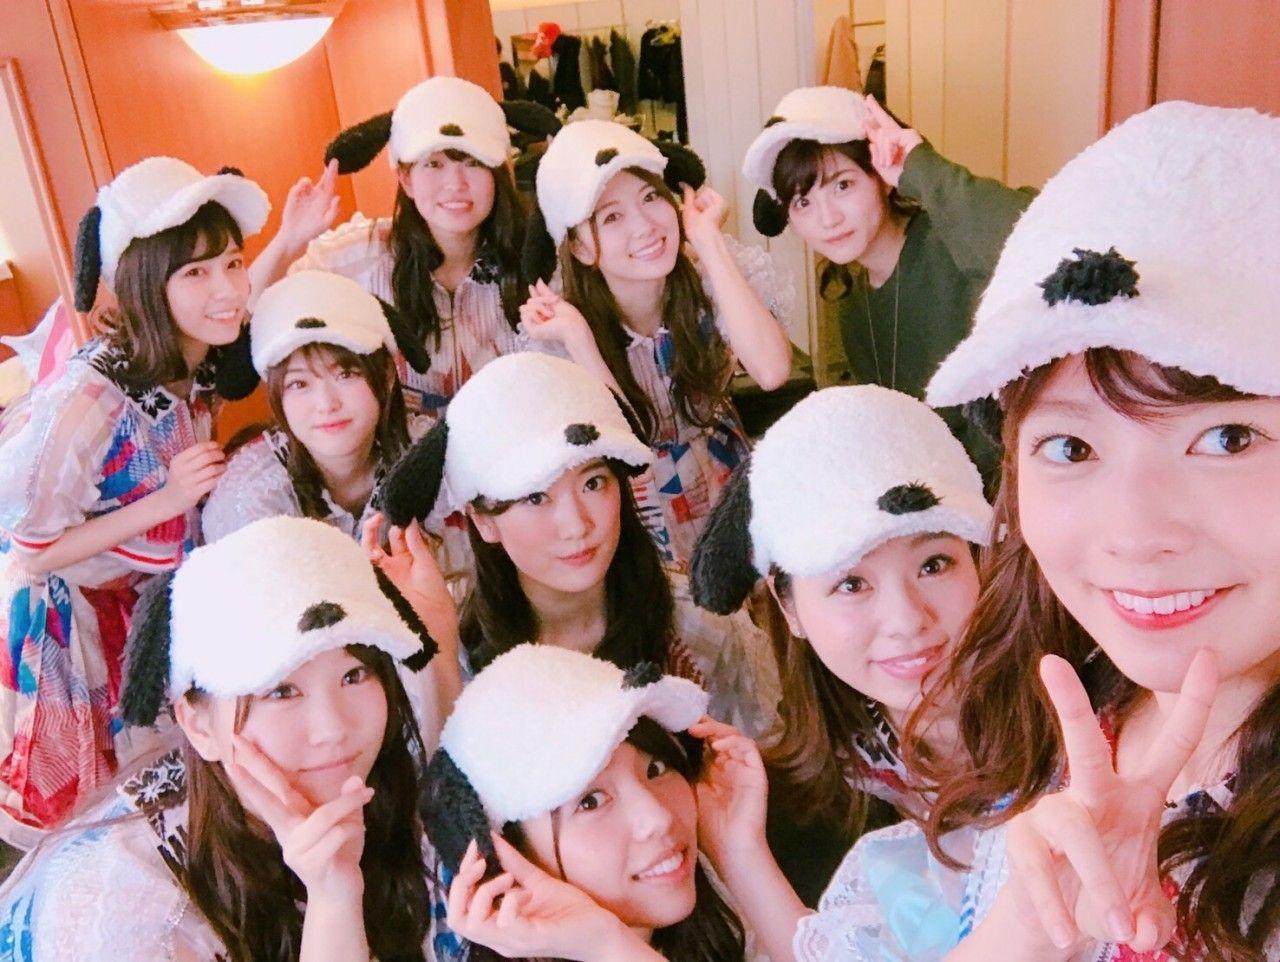 新内眞衣の「乃木坂46 SPECIAL LIVE 2017 at USJ」裏話